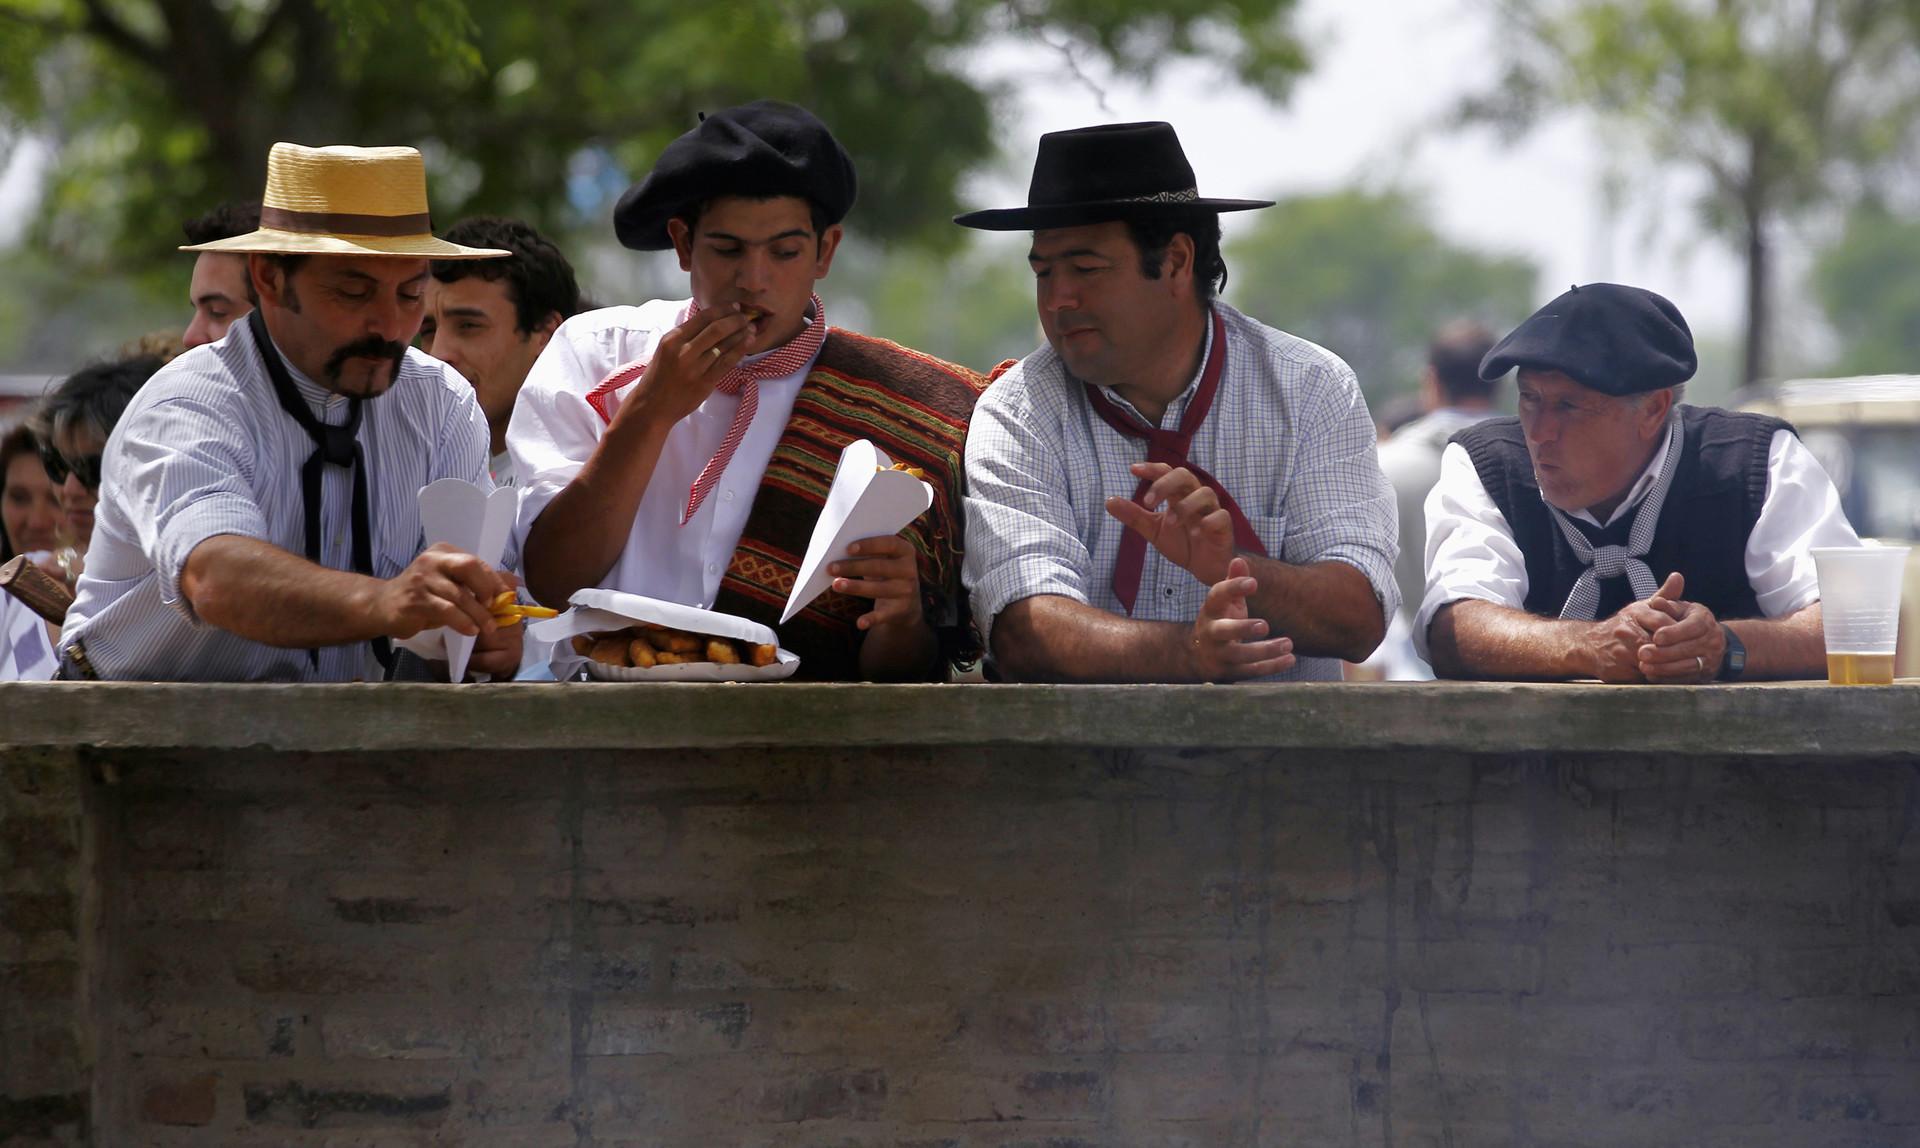 Almuerzo de gauchos argentinos